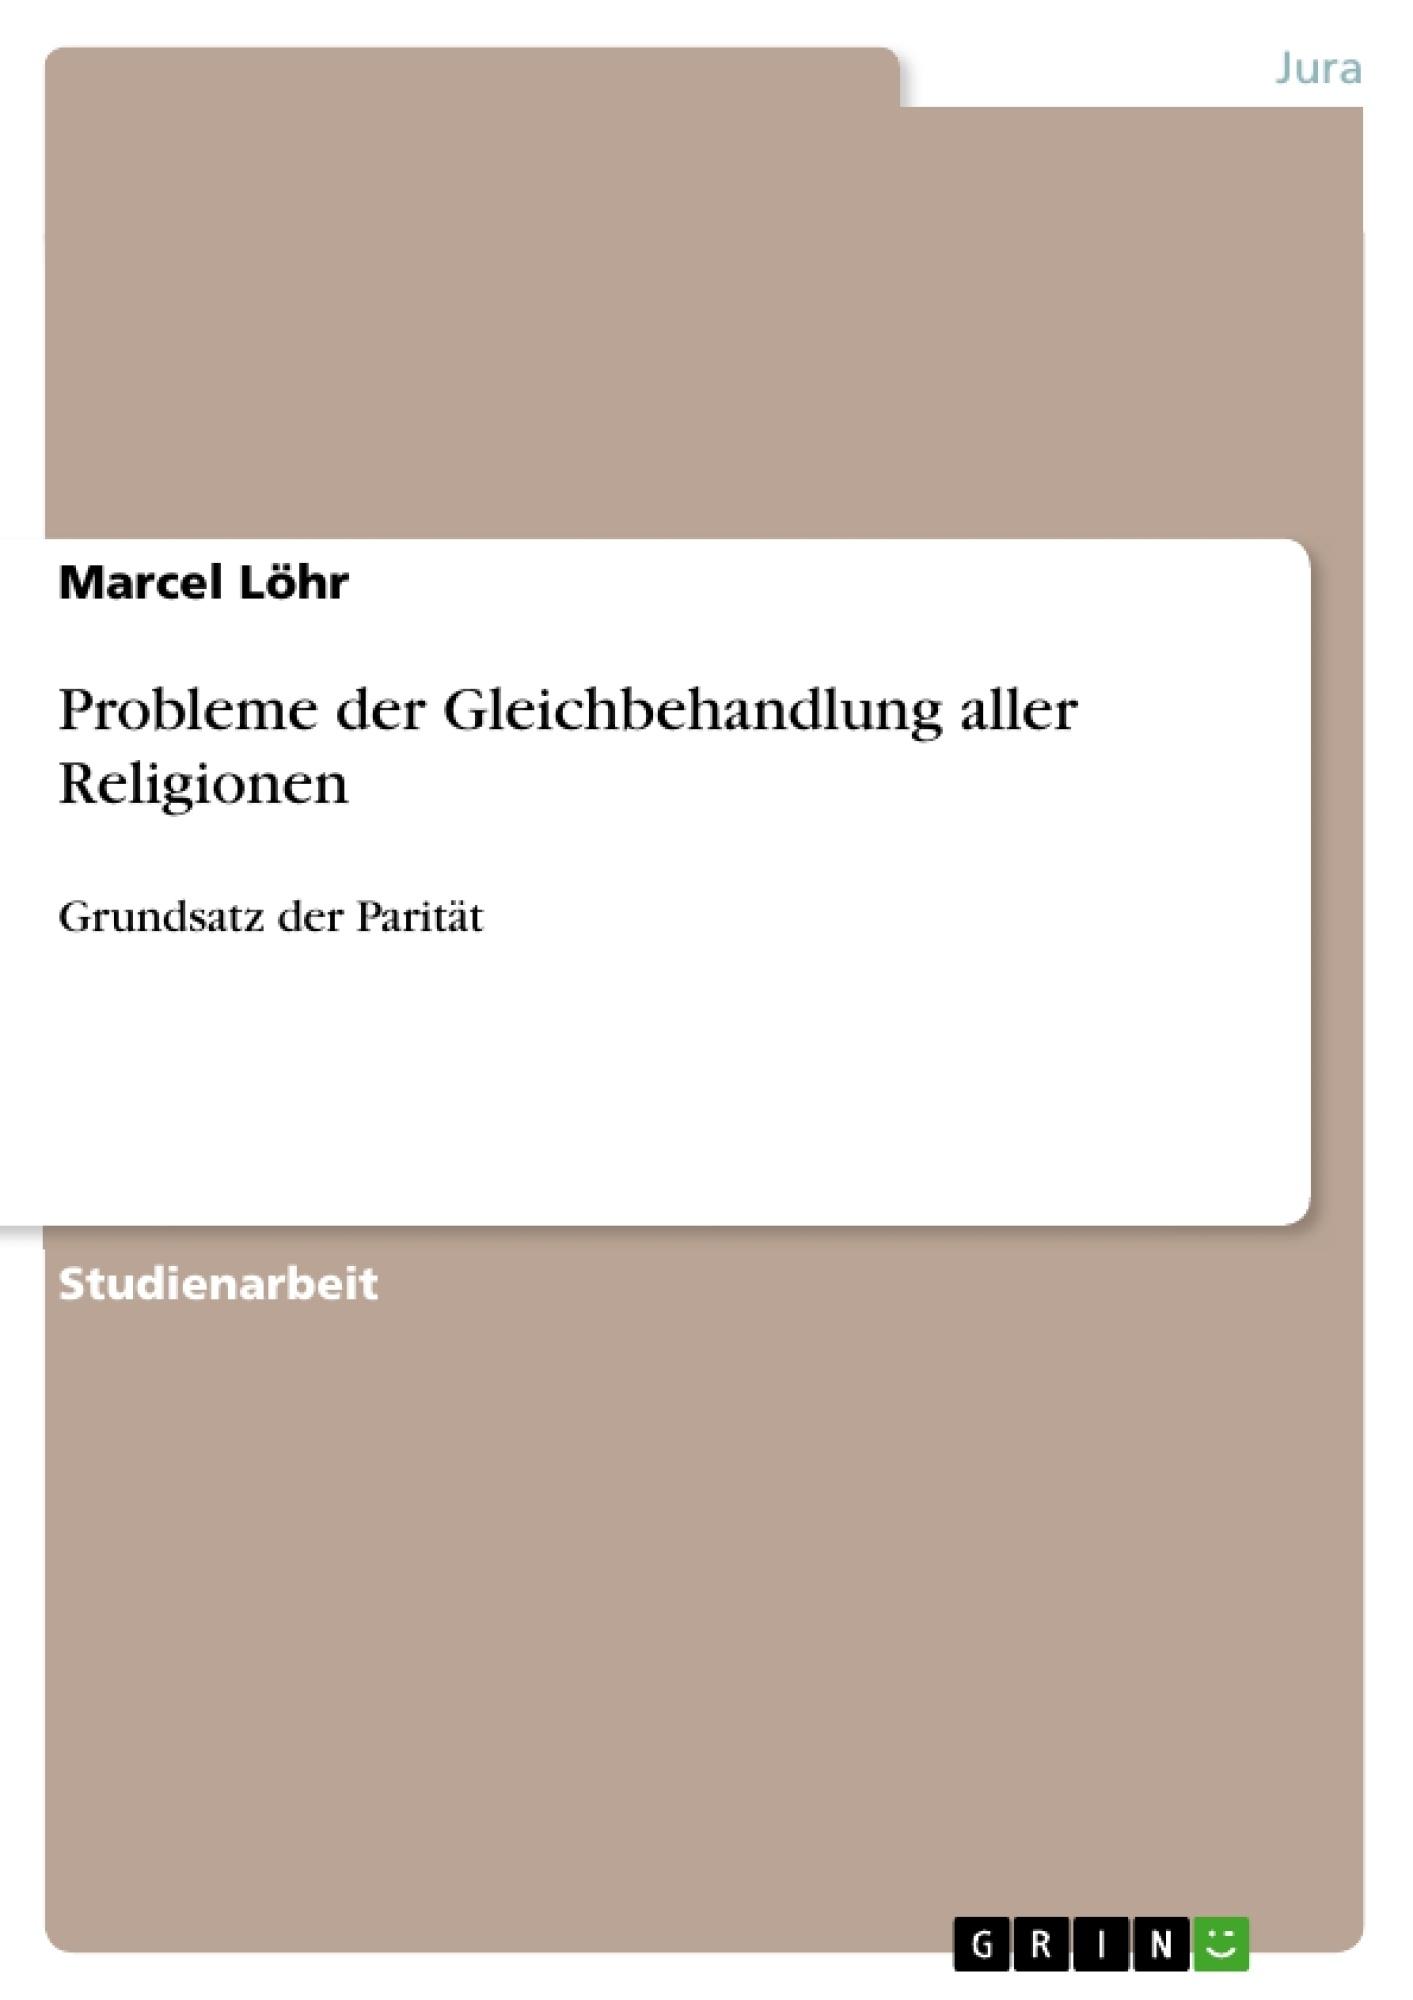 Titel: Probleme der Gleichbehandlung aller Religionen